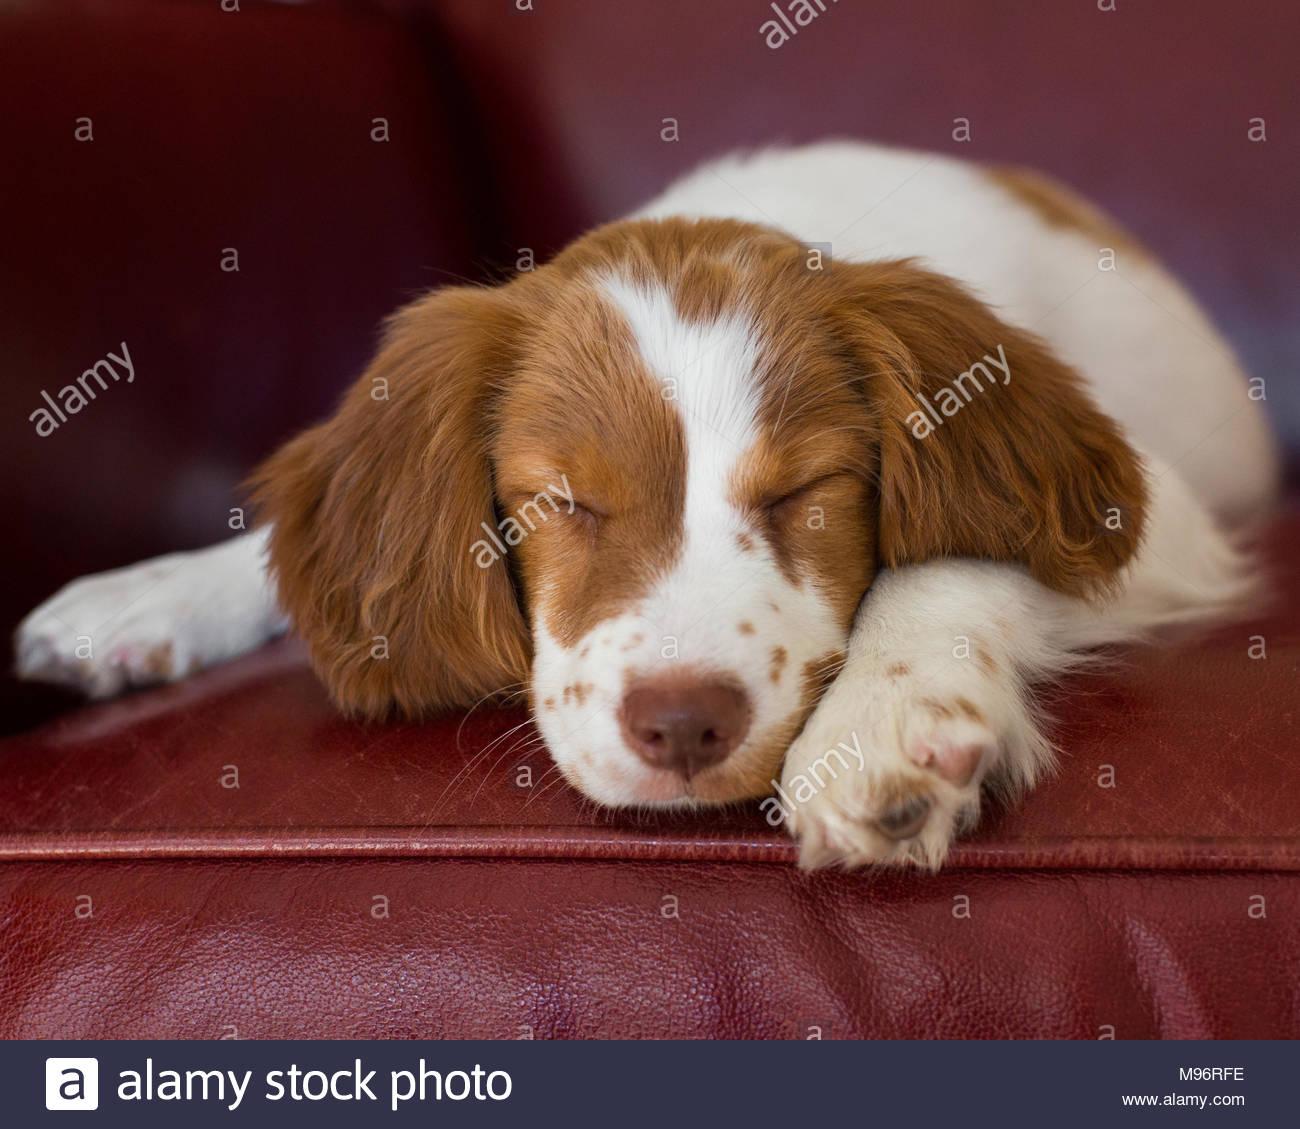 Braune und weiße Brittany Spaniel schlafen auf einem roten Ledersessel Stockbild